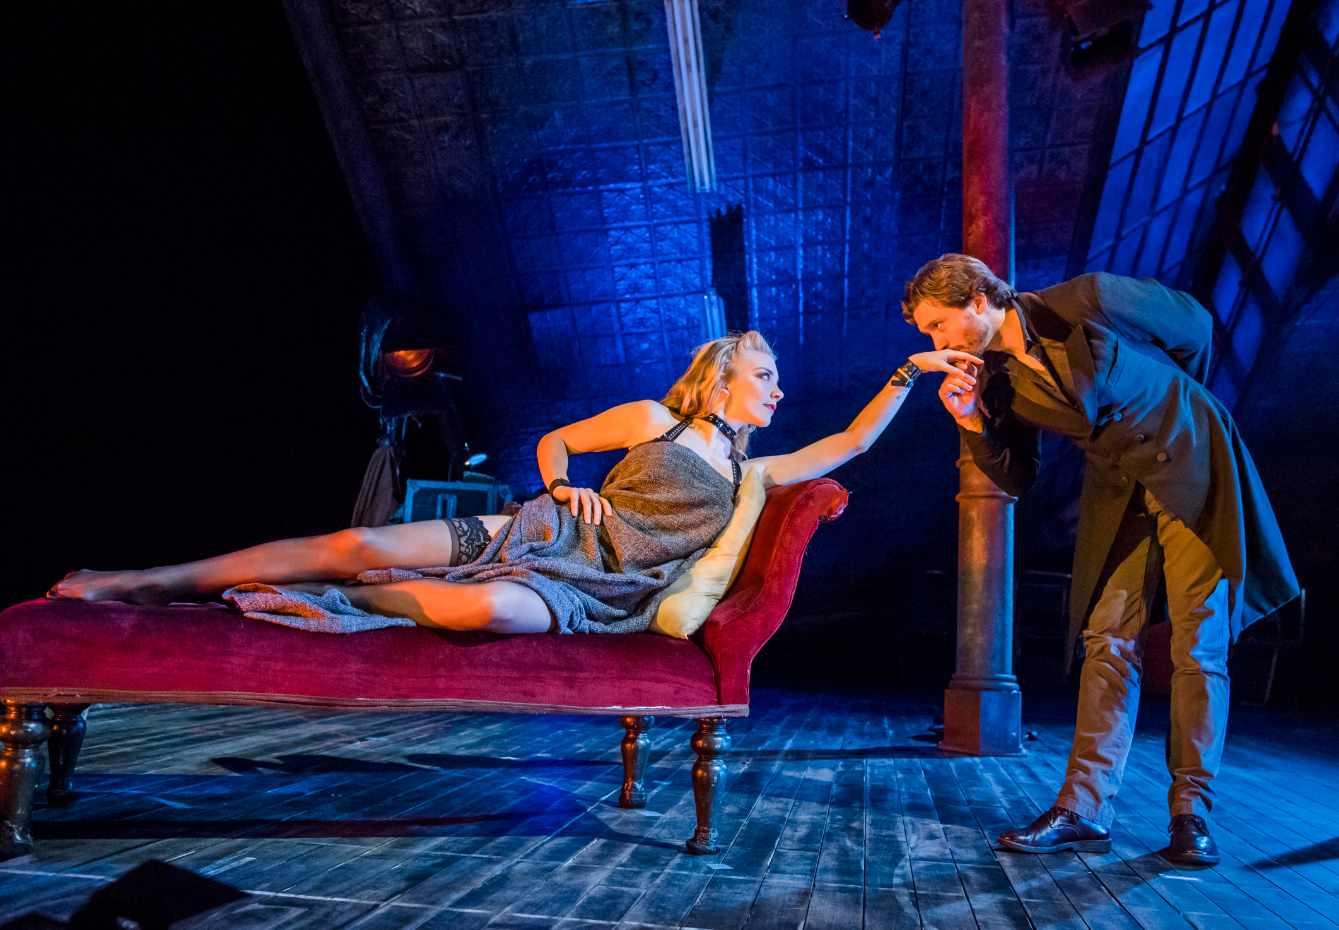 Natalie-Dormer-and-David-Oakes-in-Venus-in-Fur-at-Theatre-Royal-Haymarket.-Credit-Tristram-Kenton